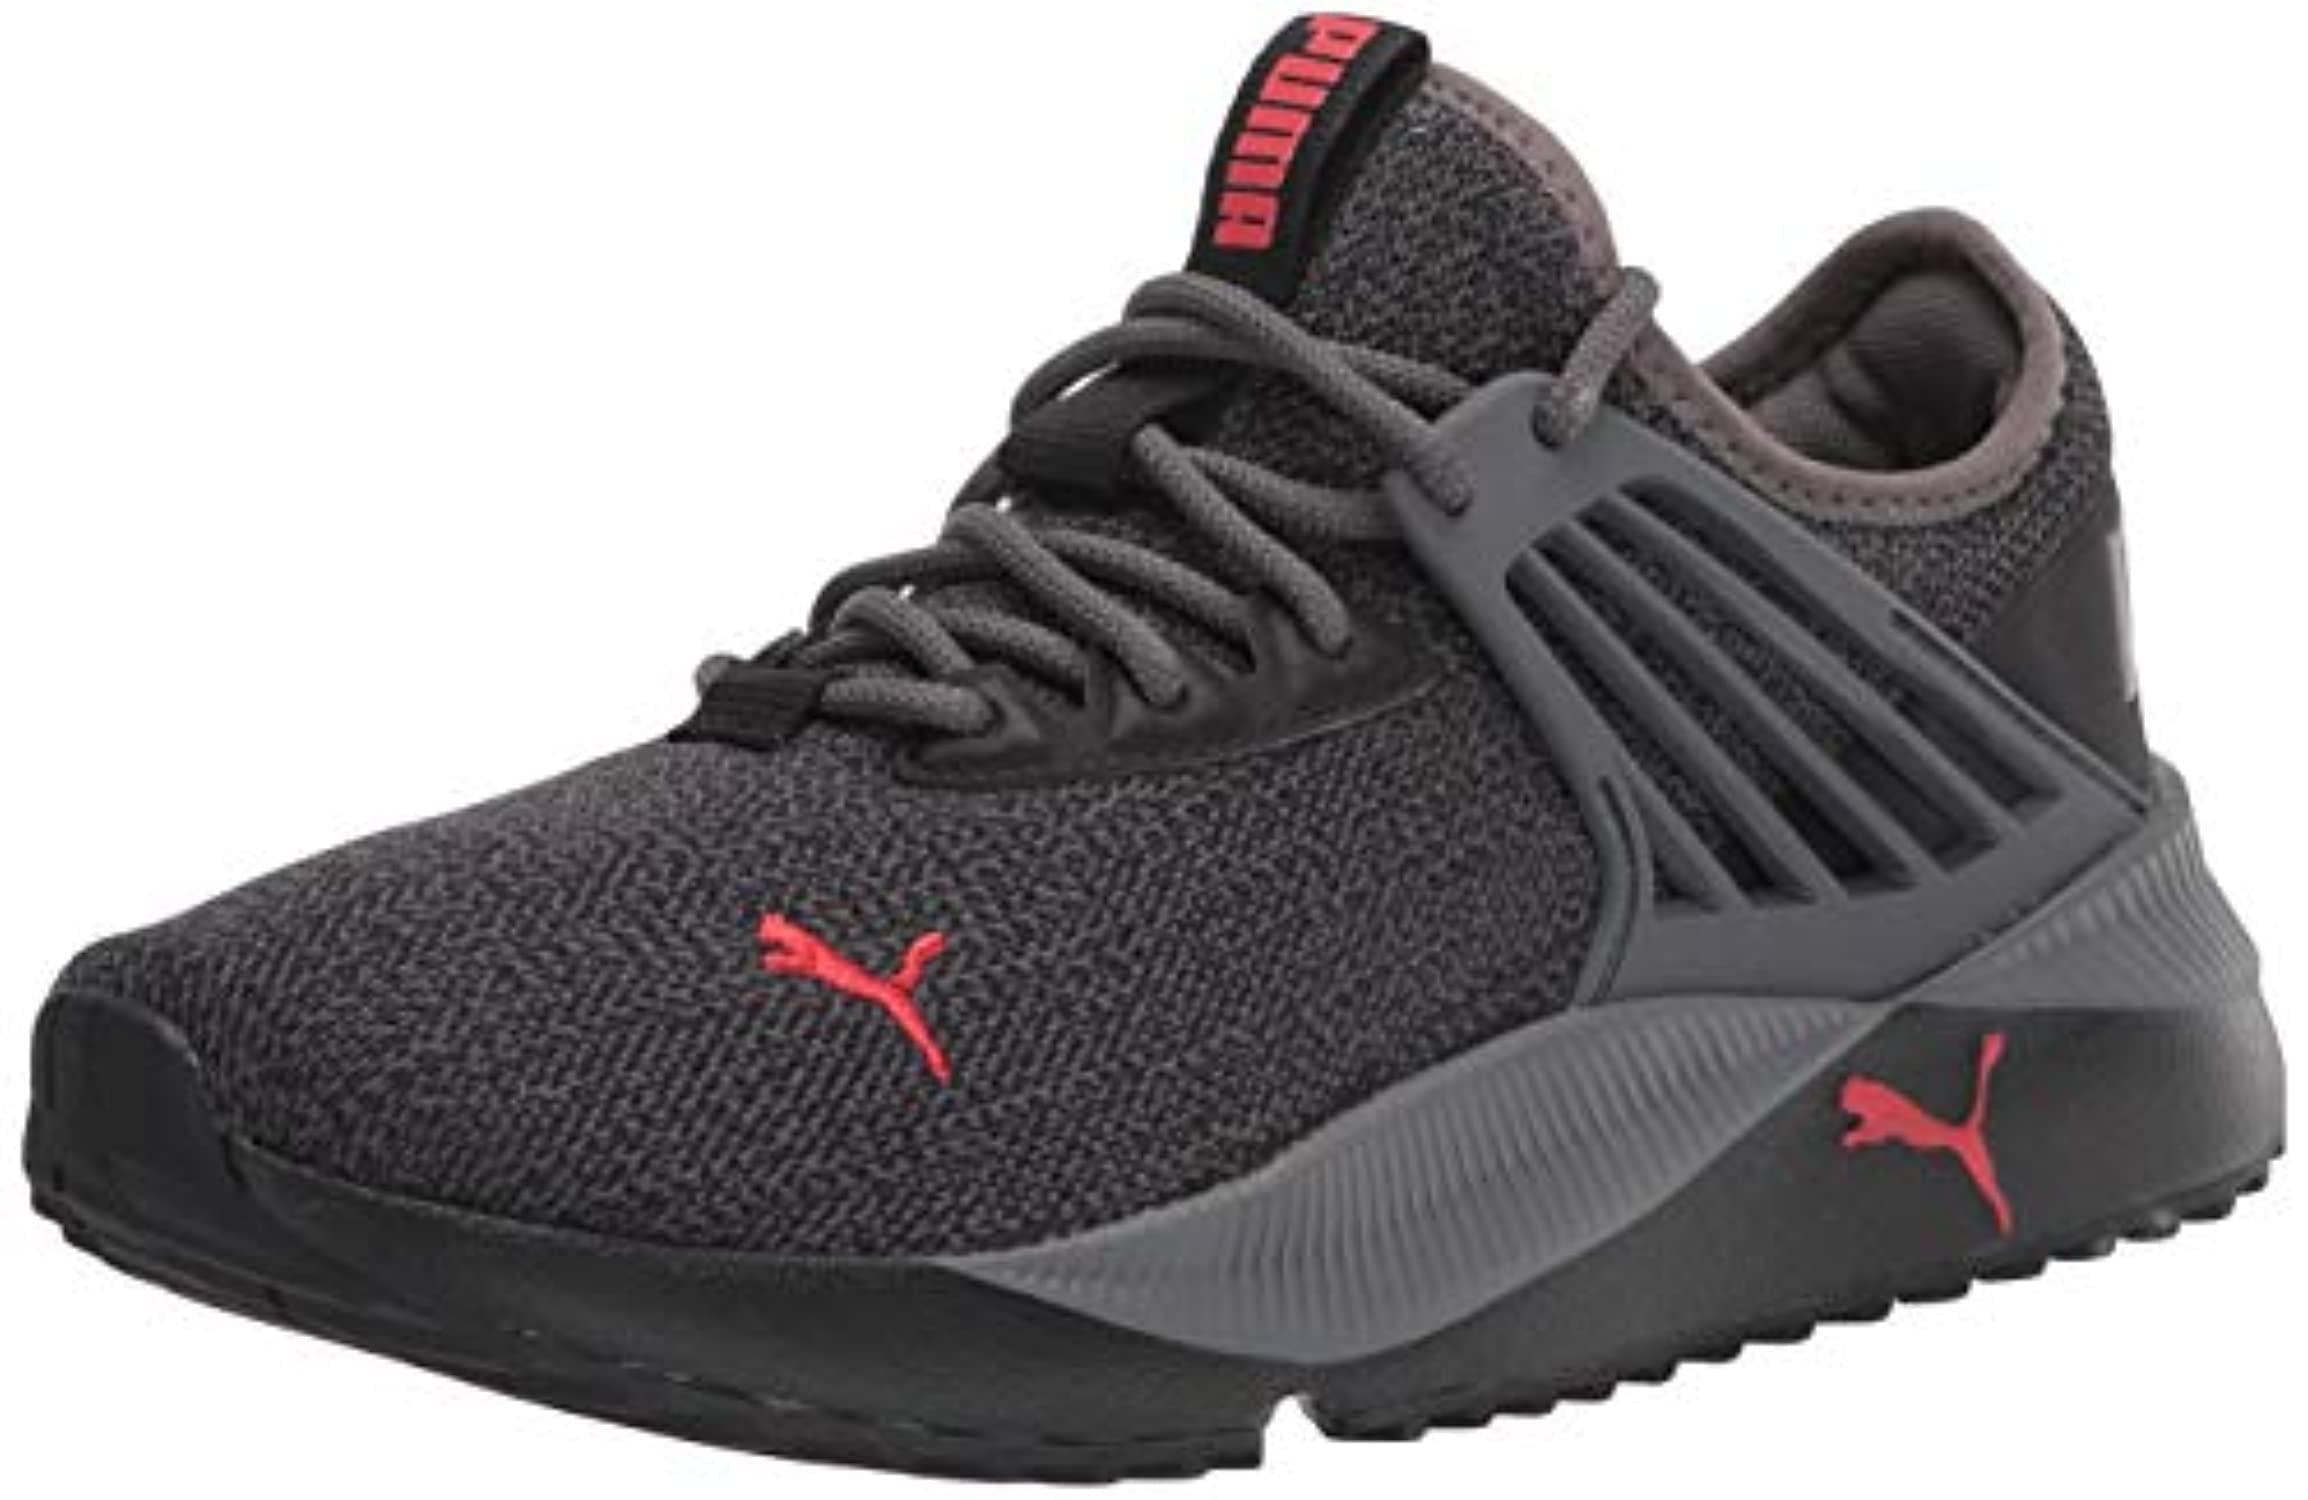 PUMA - PUMA mens Pacer Future Sneaker, Castlerock-puma Black-high Risk Red, 12 US - Walmart.com